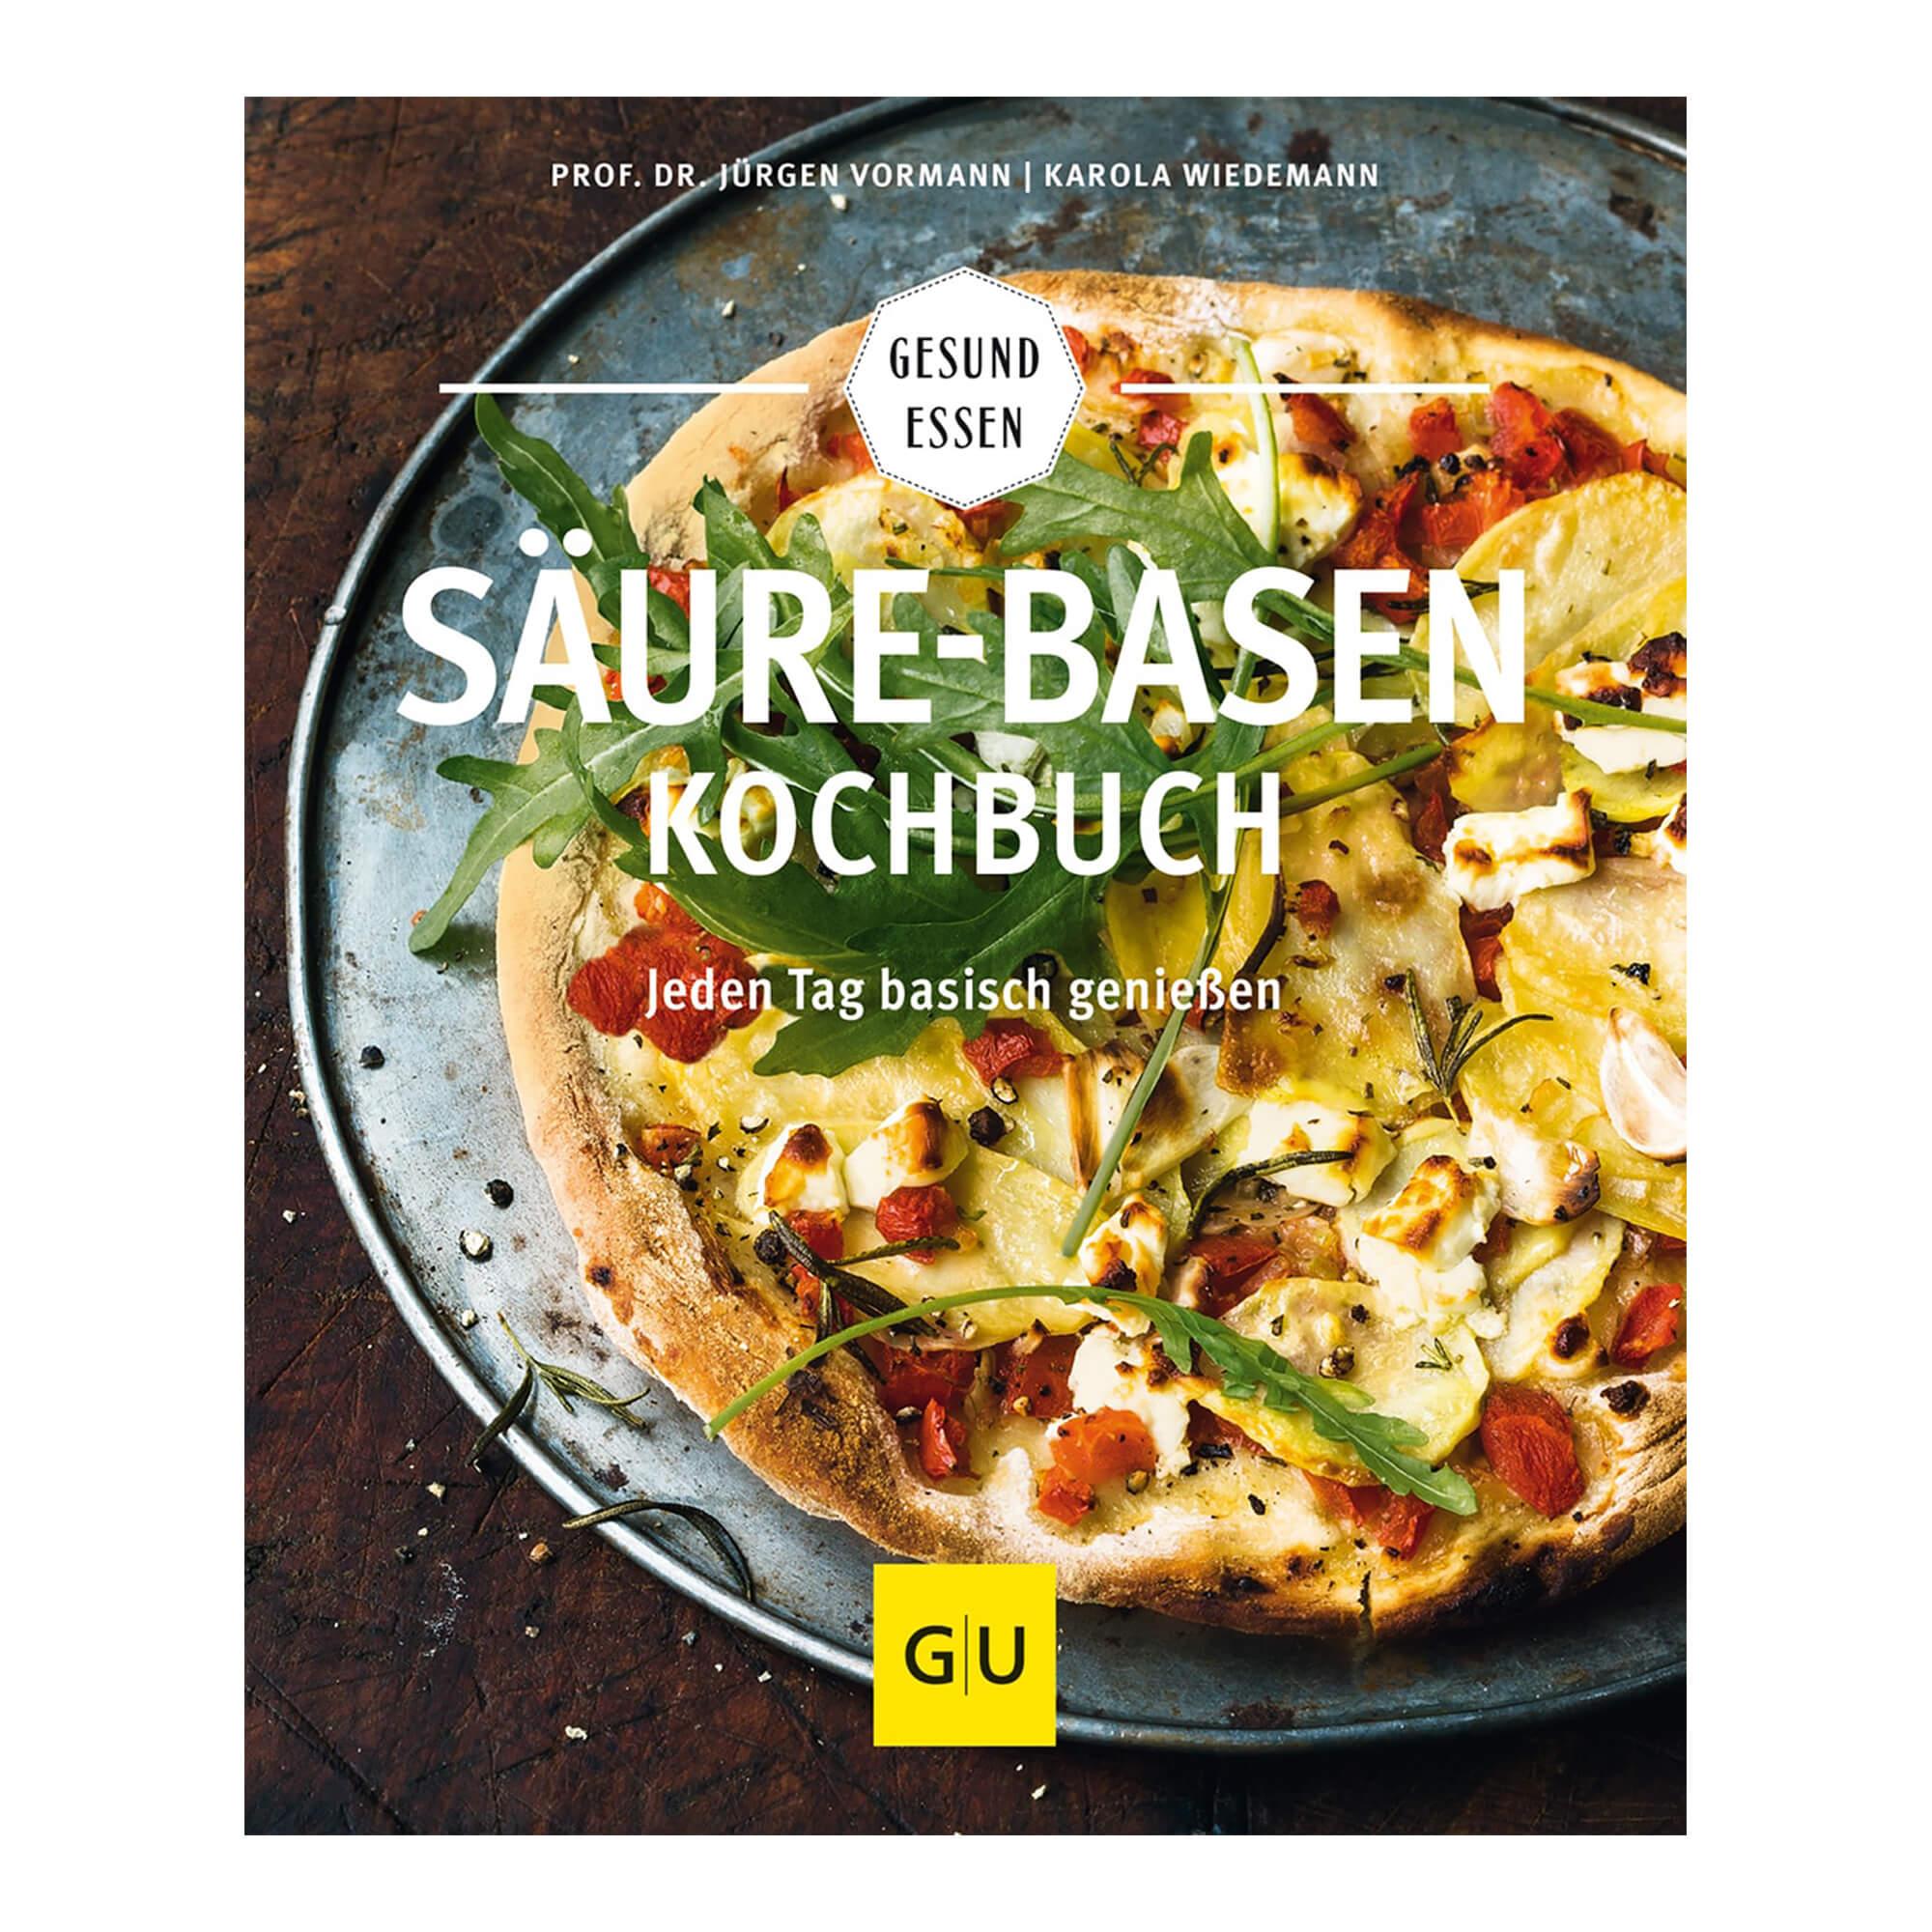 GU Säure-Basen-Kochbuch